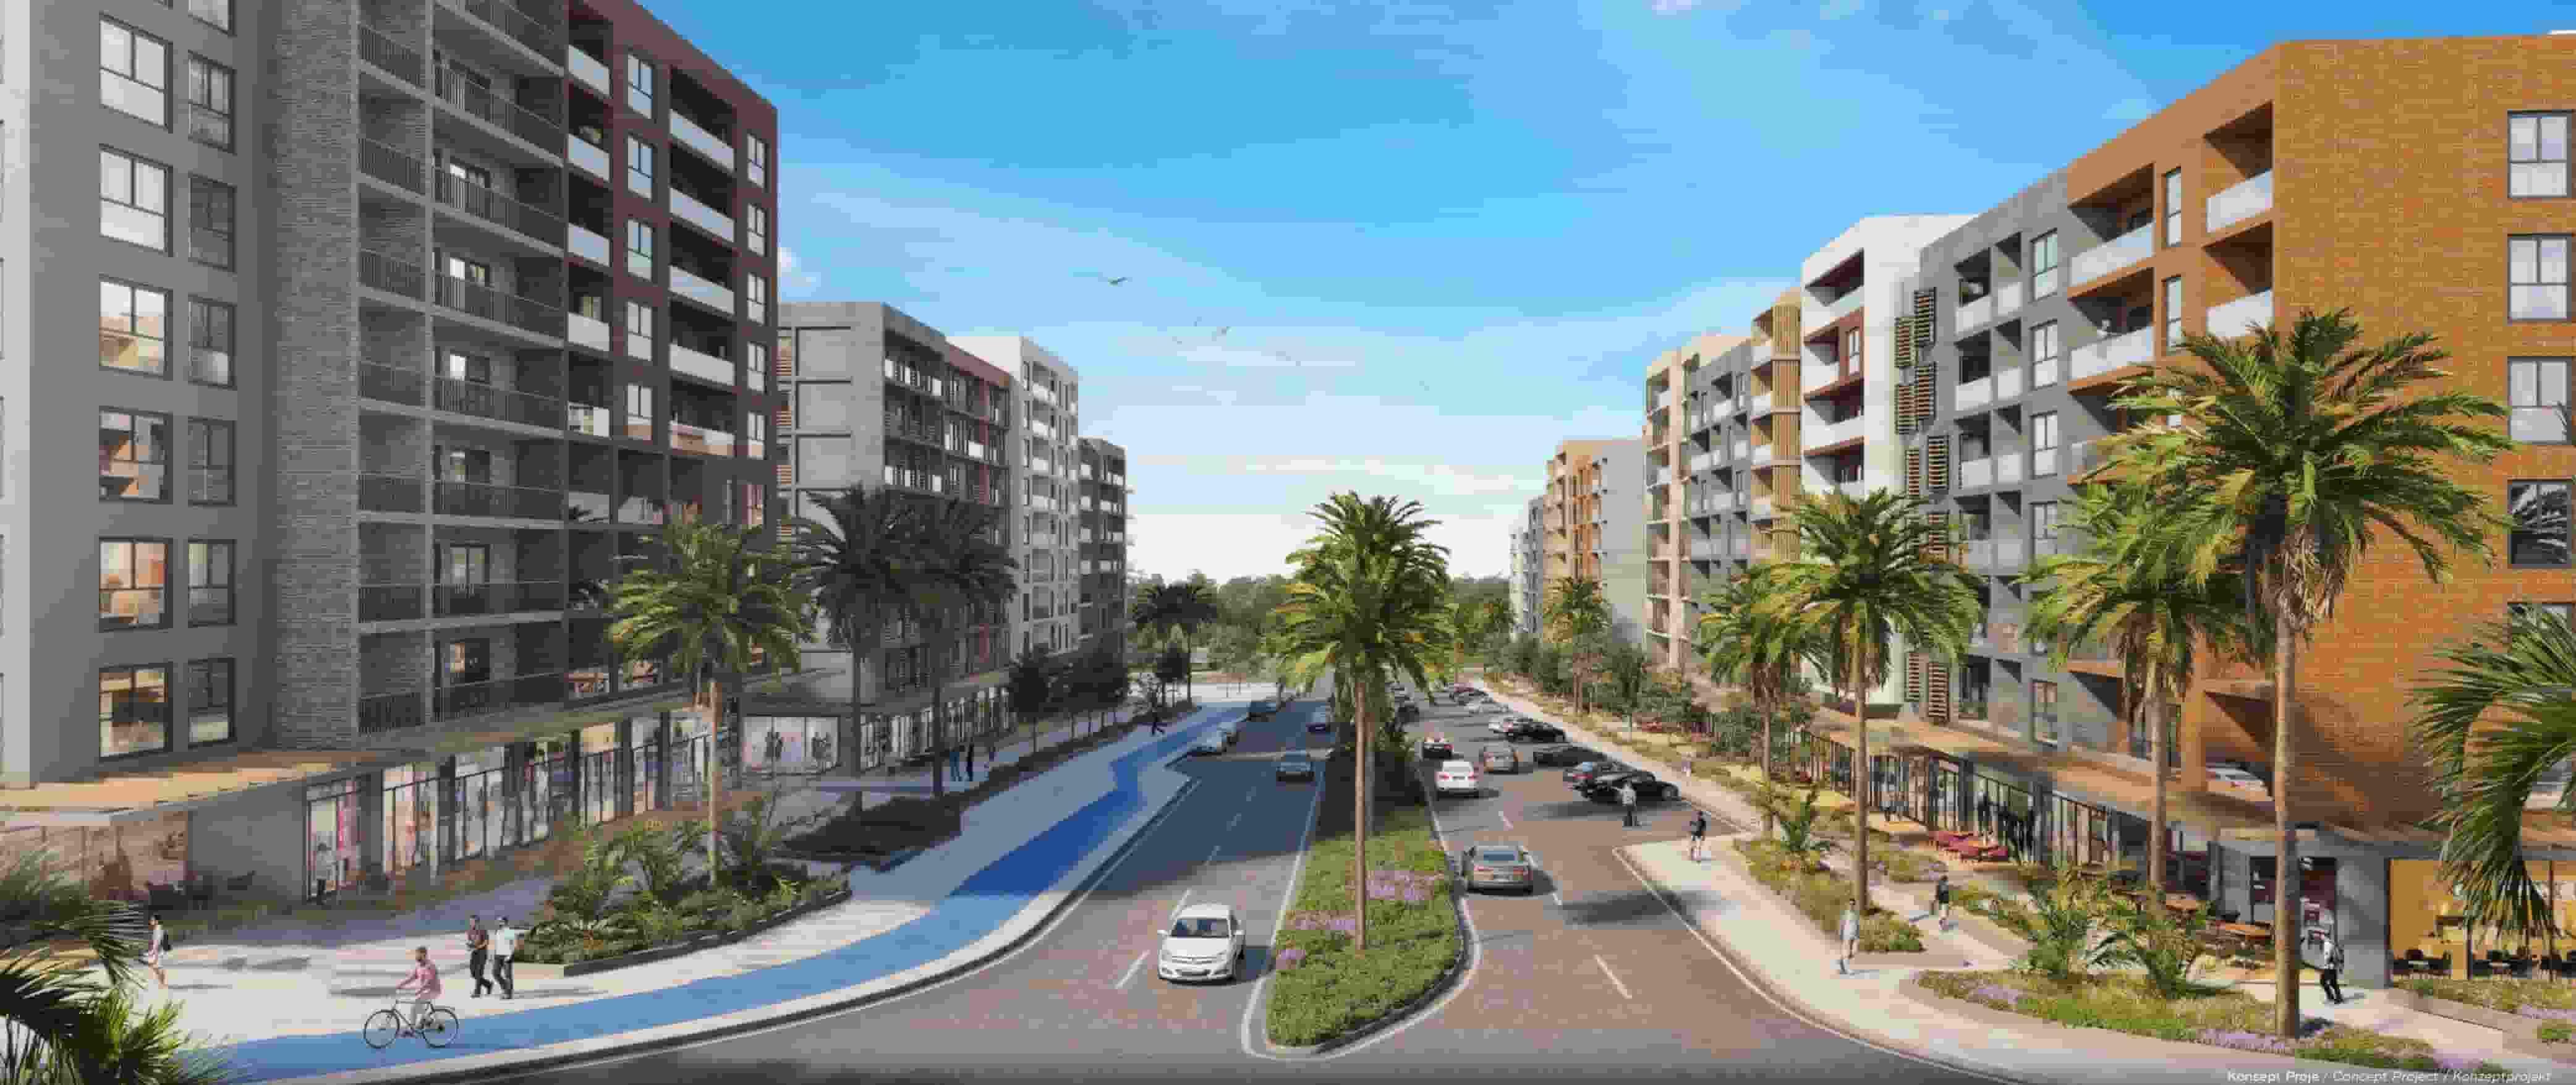 پروژه سور یاپی آنتالیا